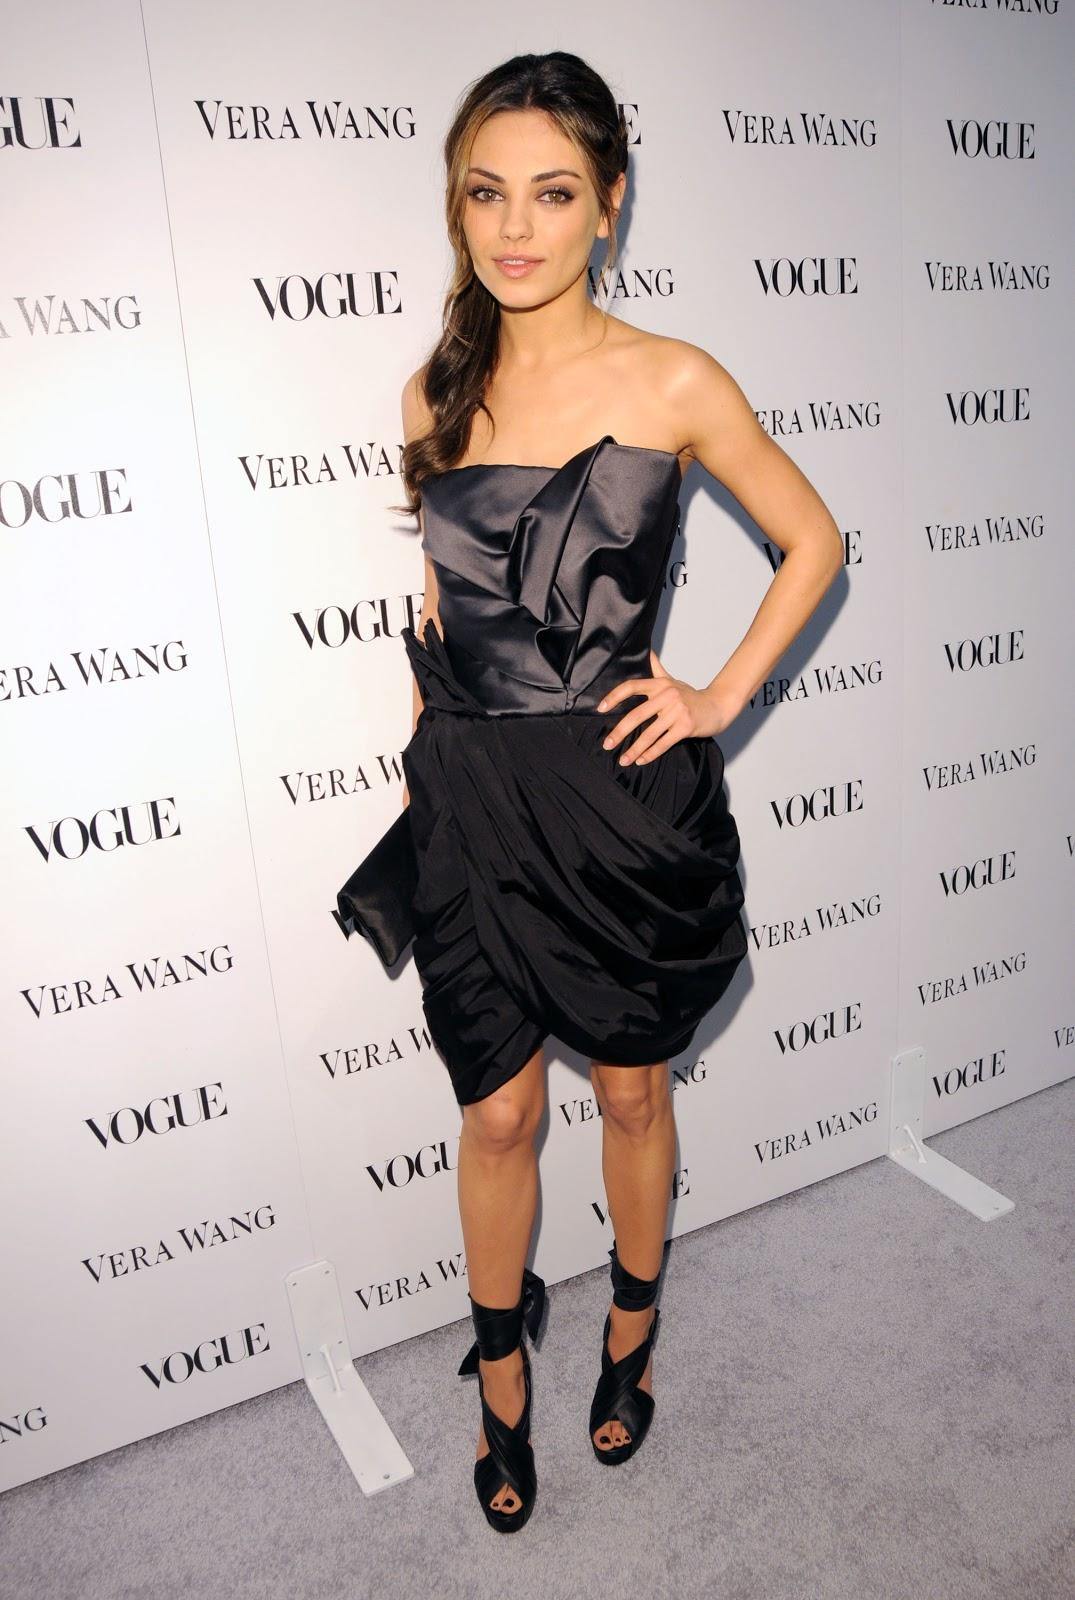 http://1.bp.blogspot.com/-q3Ds8lWLB_8/UIafkMGnyQI/AAAAAAAALrI/TIiHZYzaE3k/s1600/mila+sexy+heels.jpg